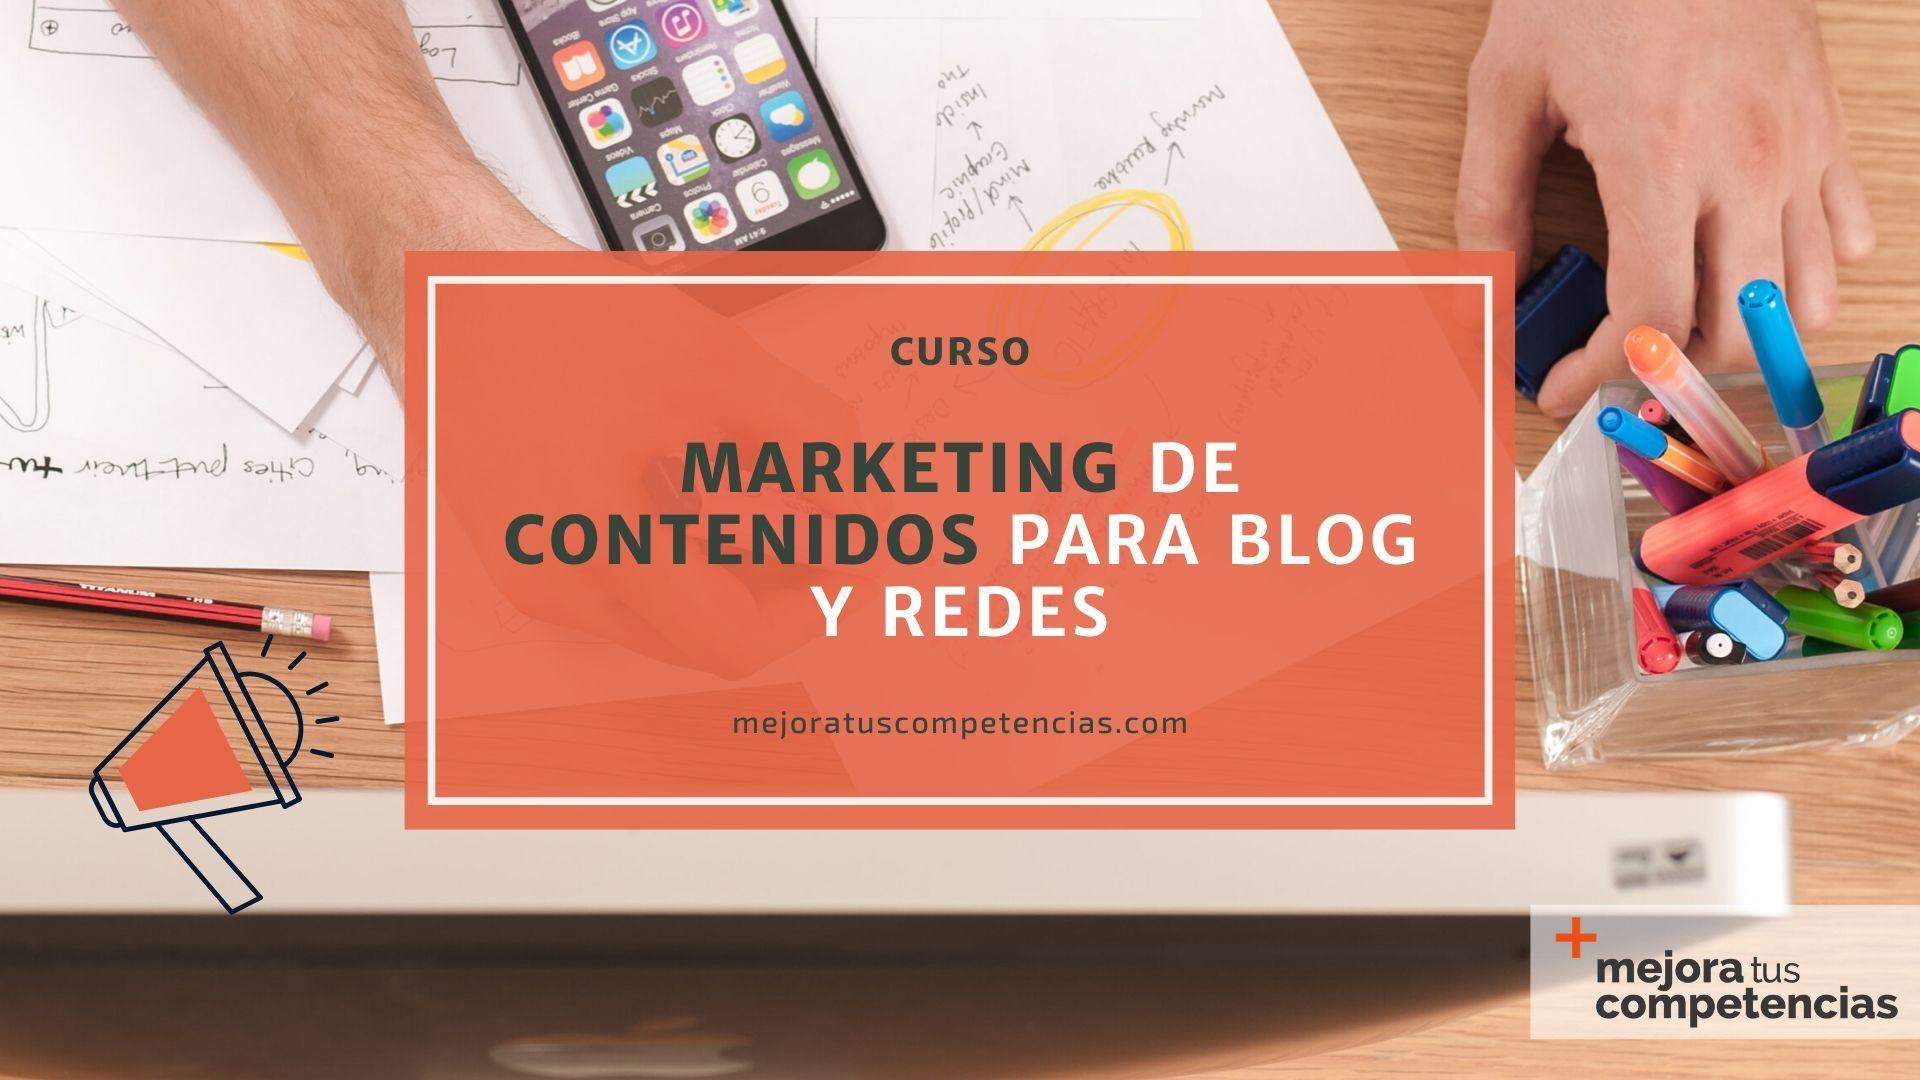 Curso Online - Marketing de contenidos para blogs y redes